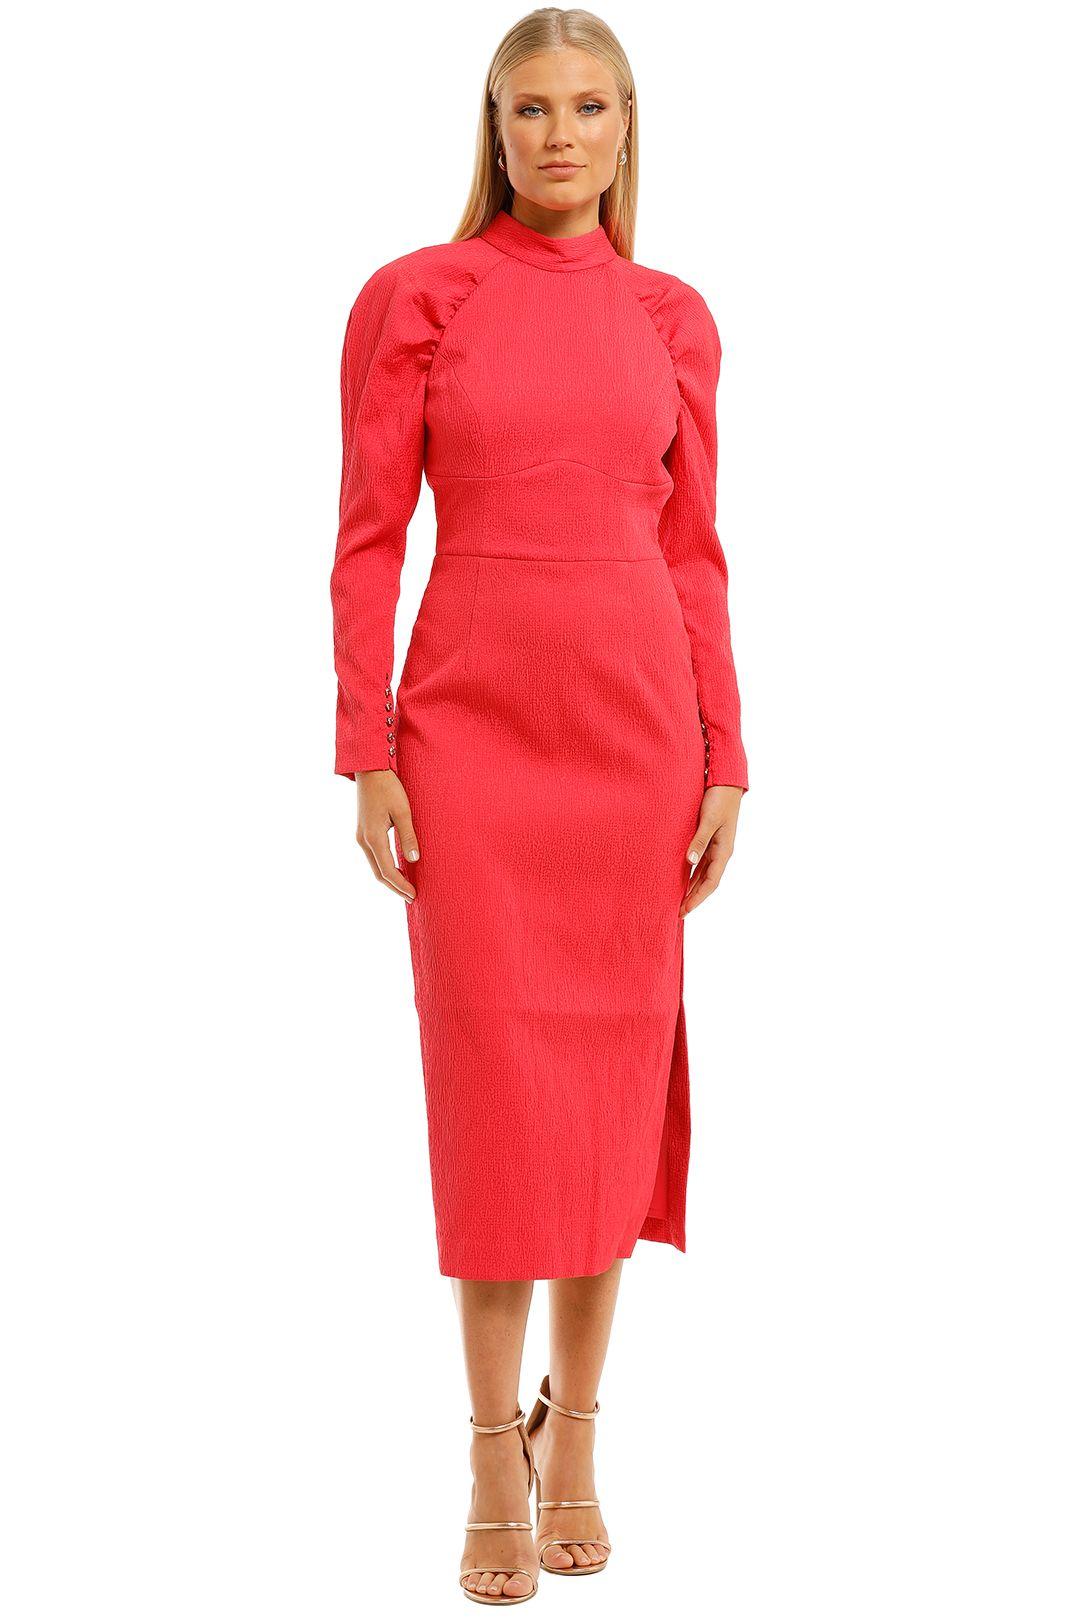 Rebecca-Vallance-Martini-LS-Midi-Dress-Pink-Front